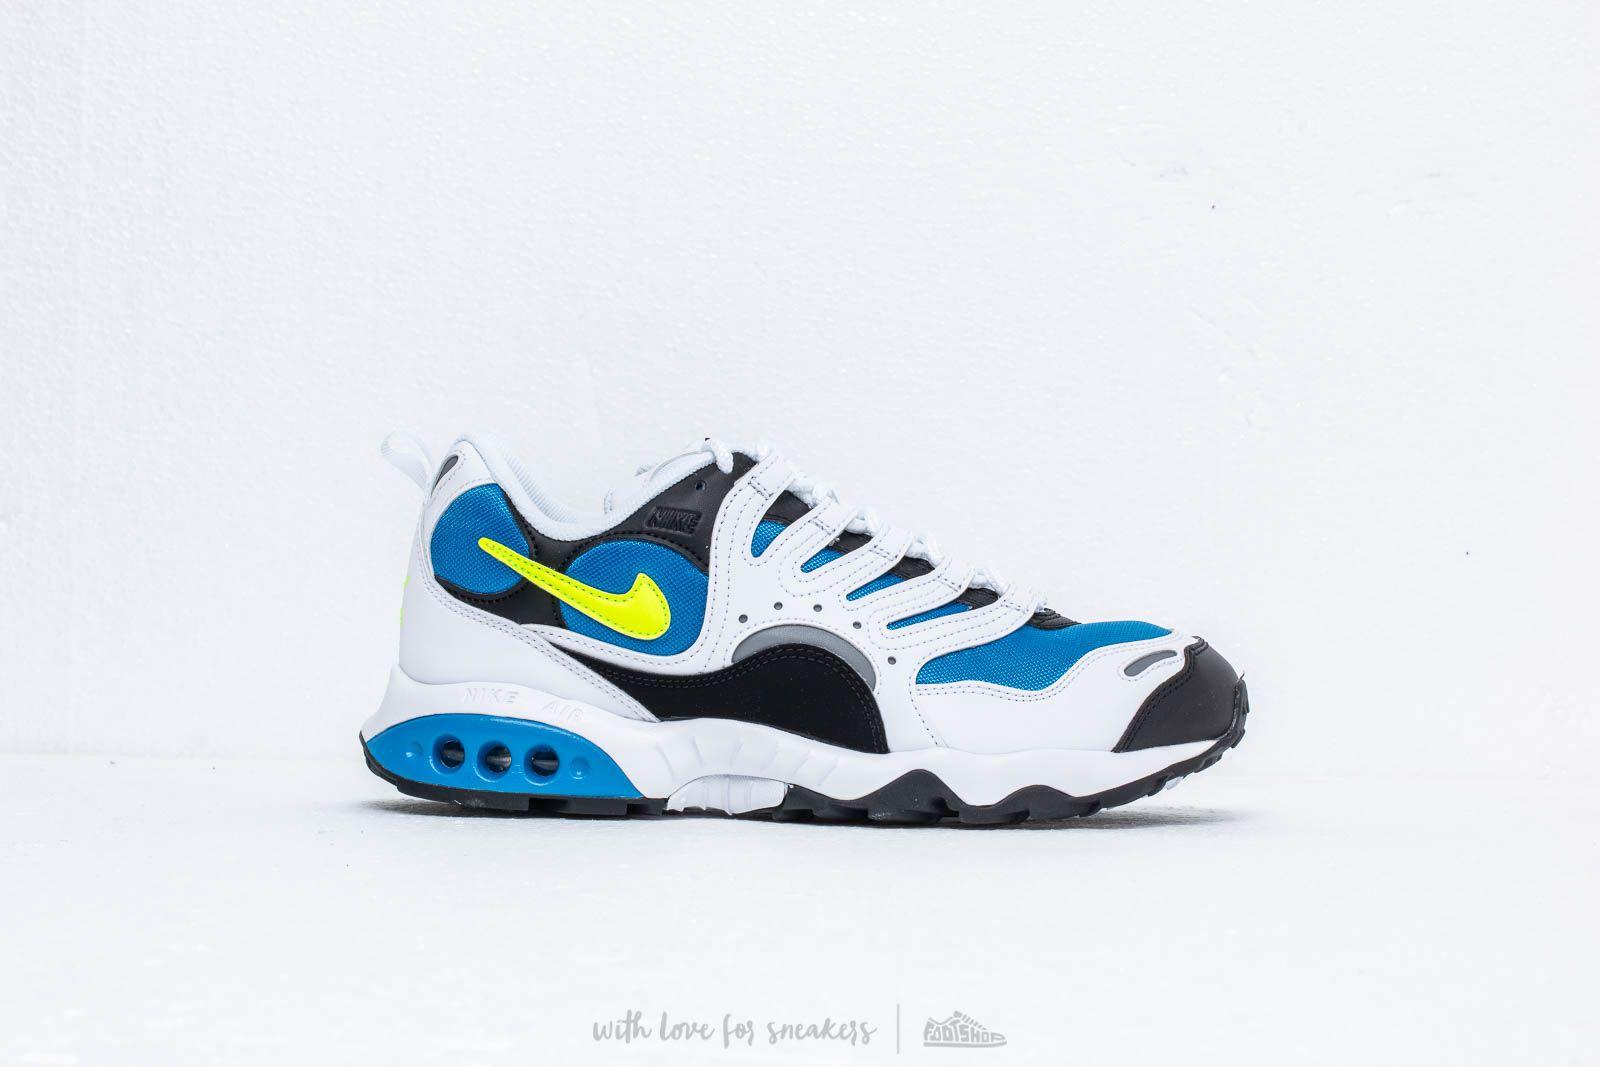 wholesale dealer 8a0e3 d86d4 Nike Air Terra Humara 18 White Volt-Photo Blue-Black at a